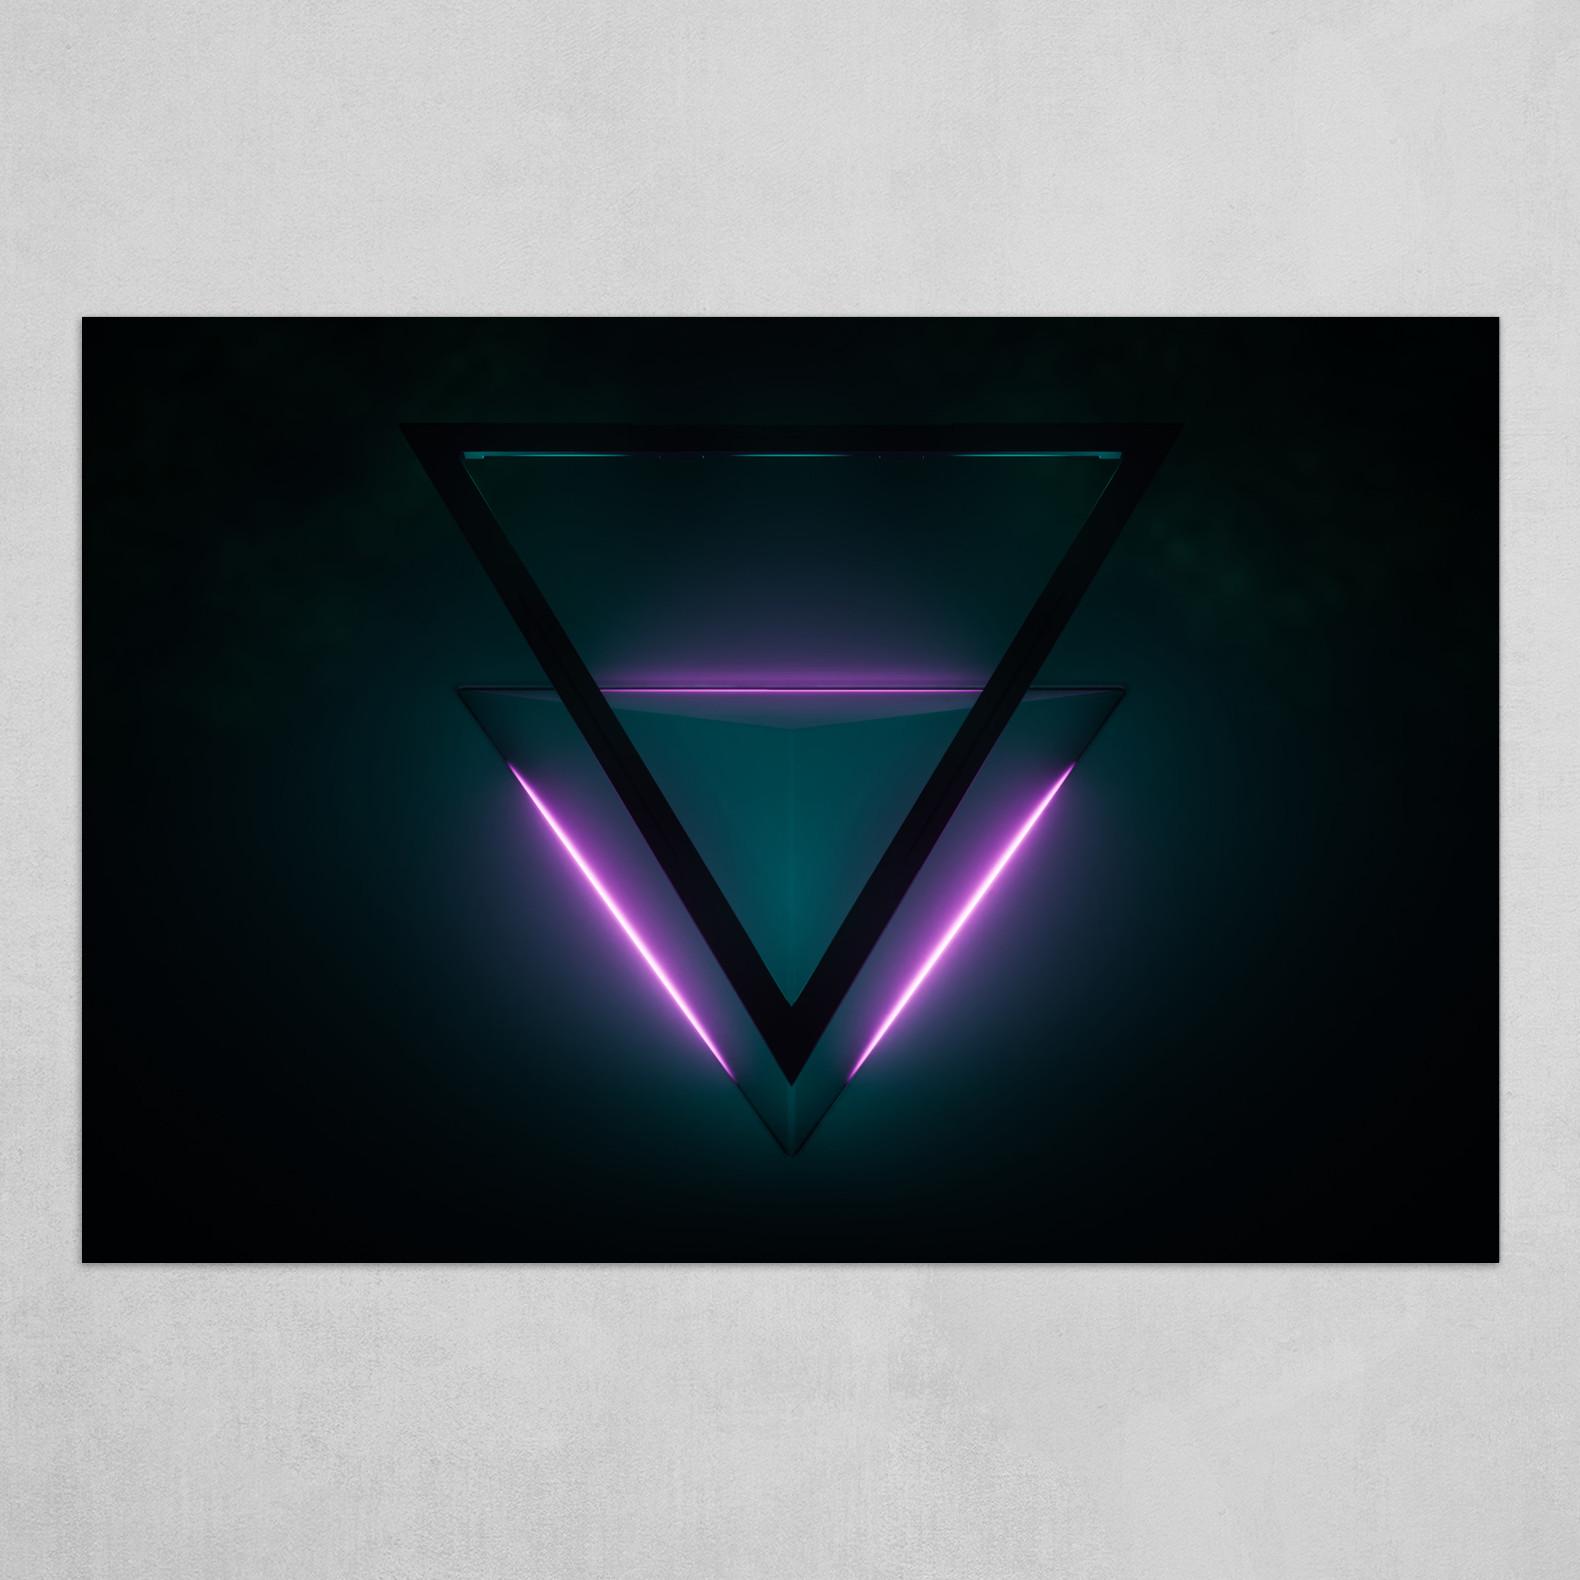 Triumvirate: Cyber 3x2